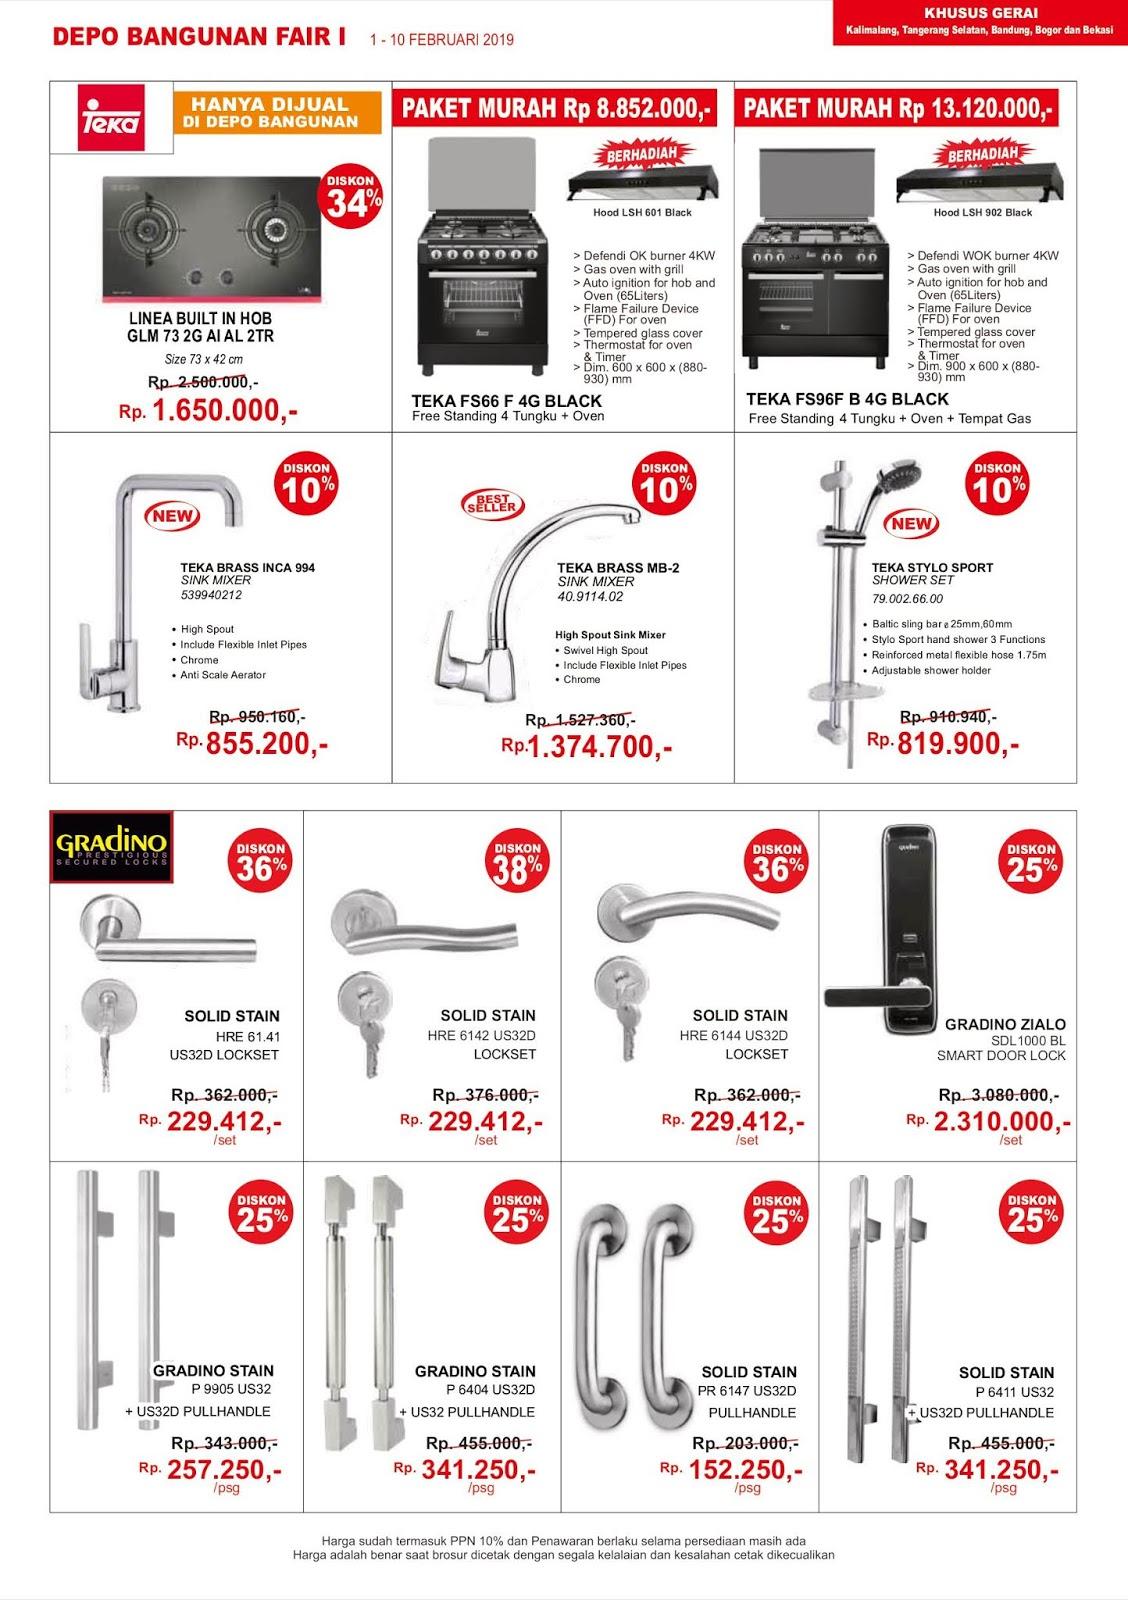 http://www.promosi247.com/2019/02/depoban#DepoBangunan - #Promo #Katalog Periode 01 - 10 Februari 2019gunan-promo-katalog-periode-01-10-02.html